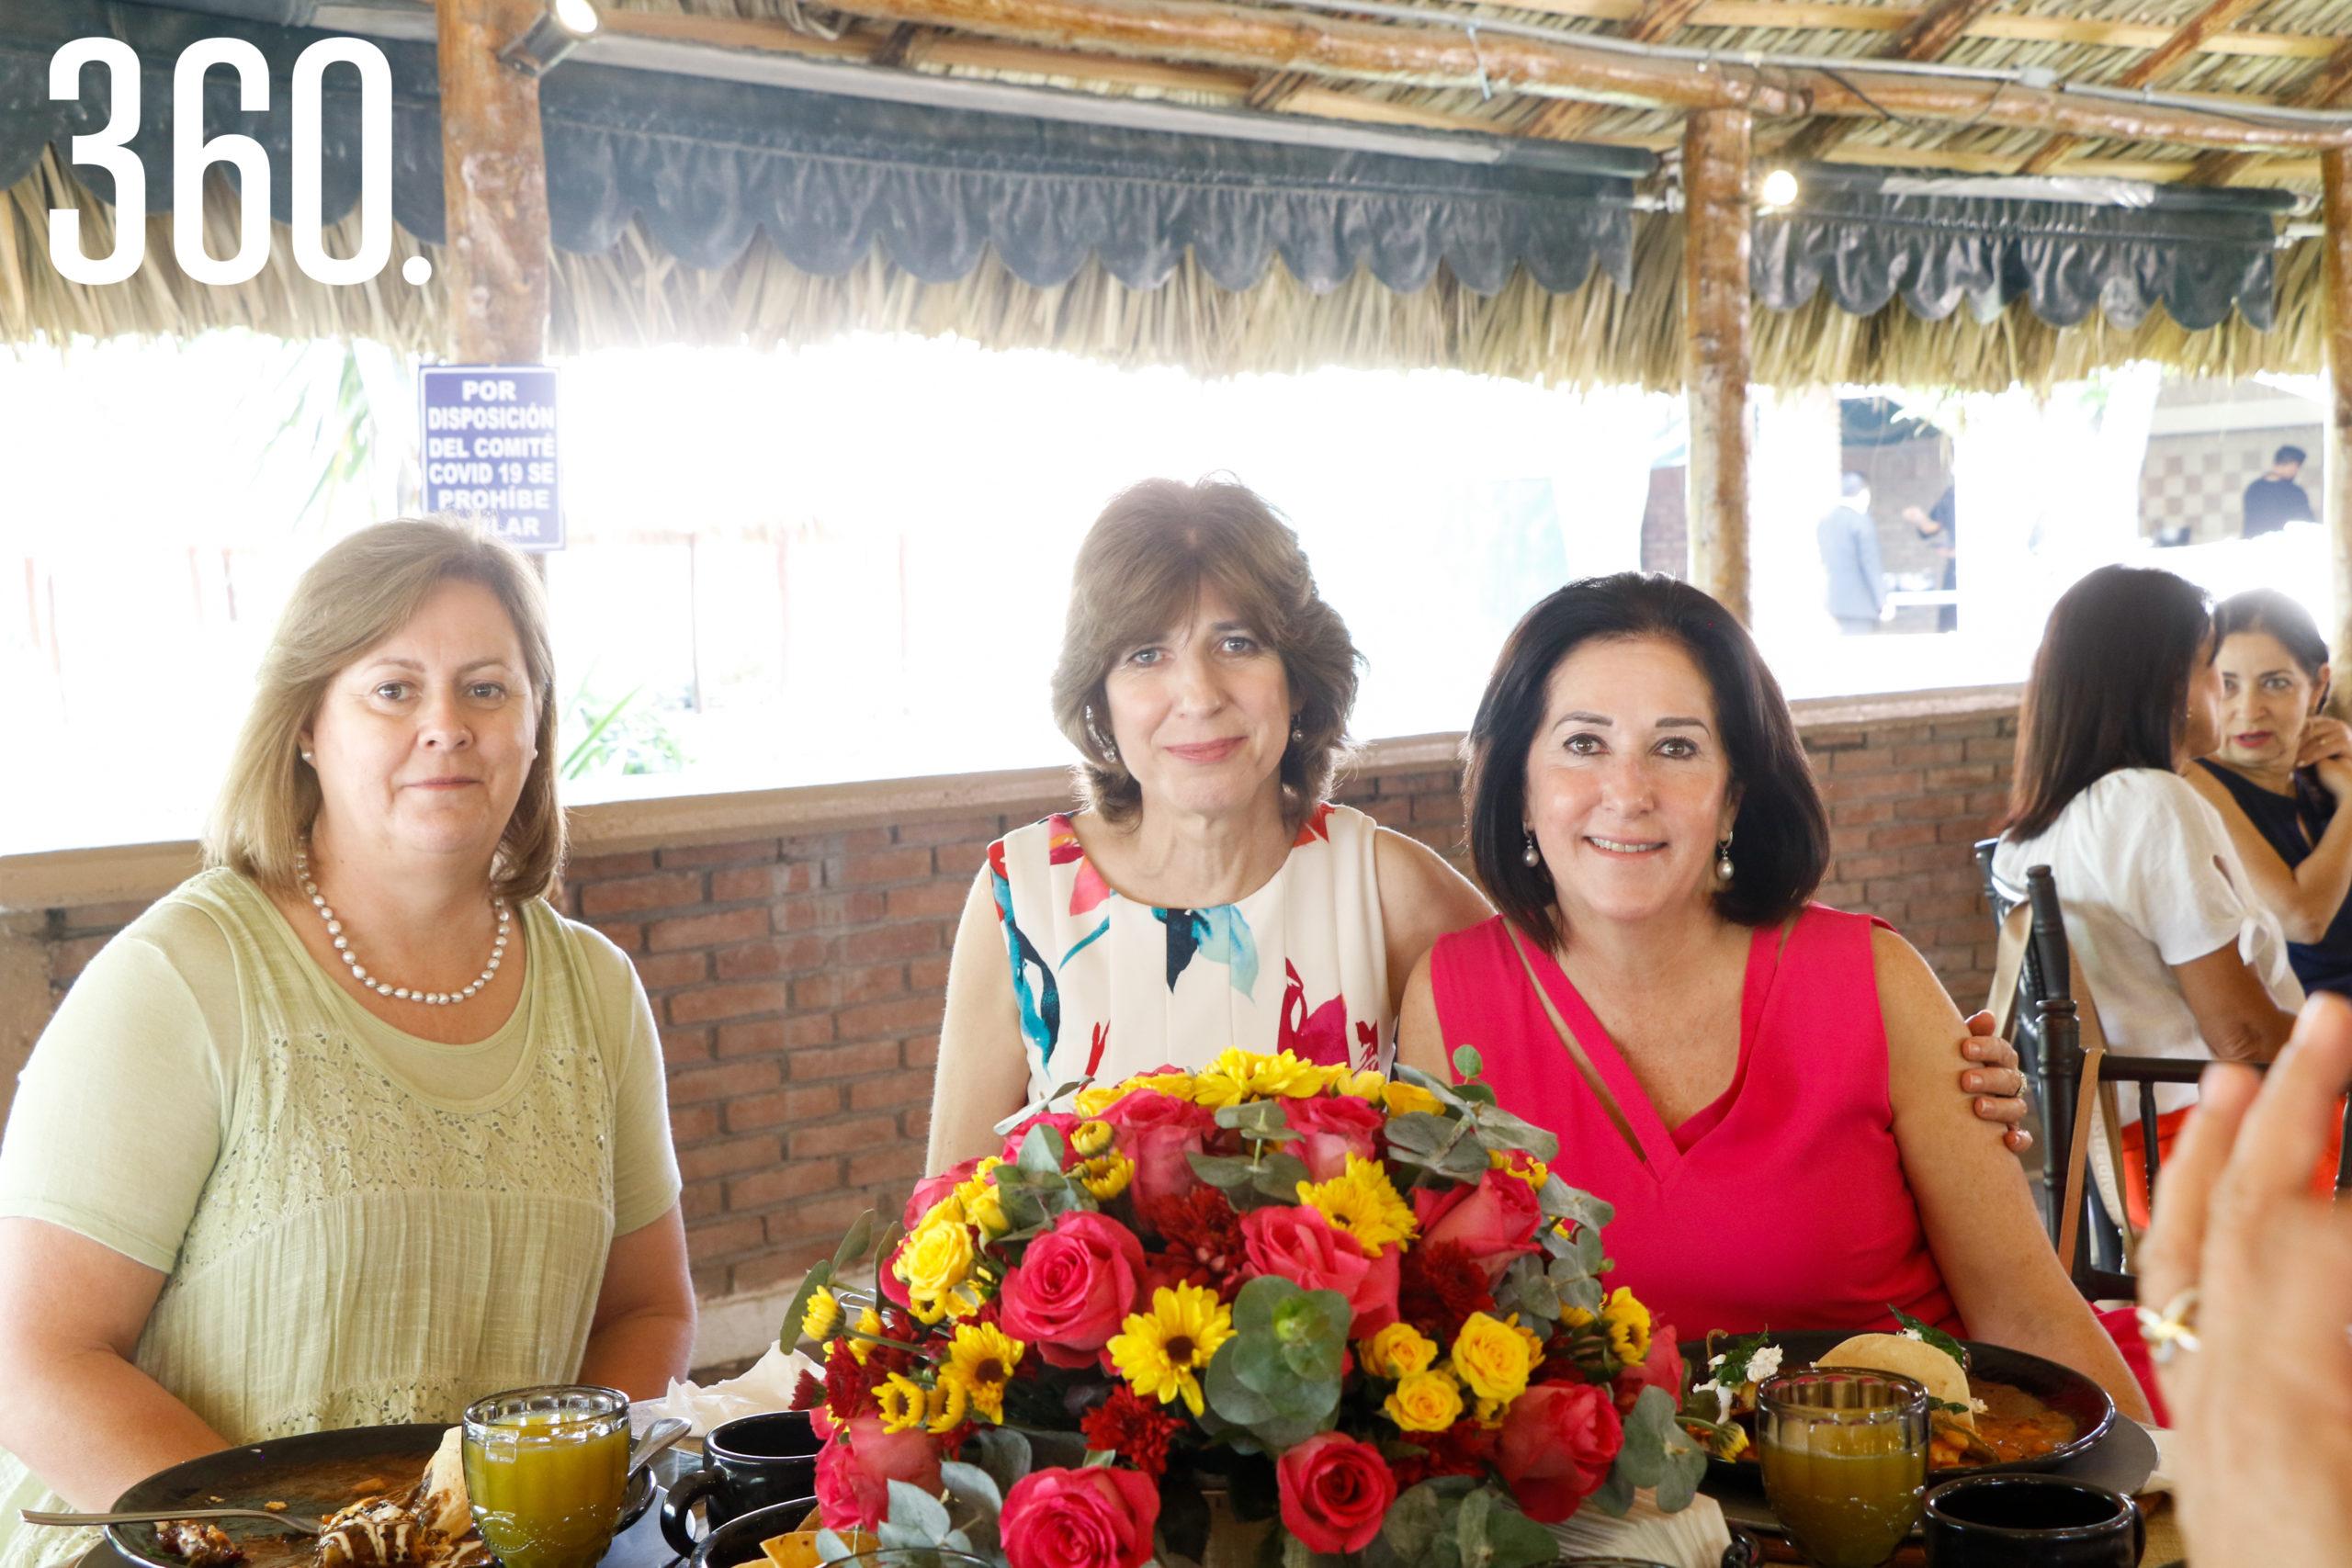 Mónica Narro, Prudencia Garza y Lourdes Belausteguigoitia